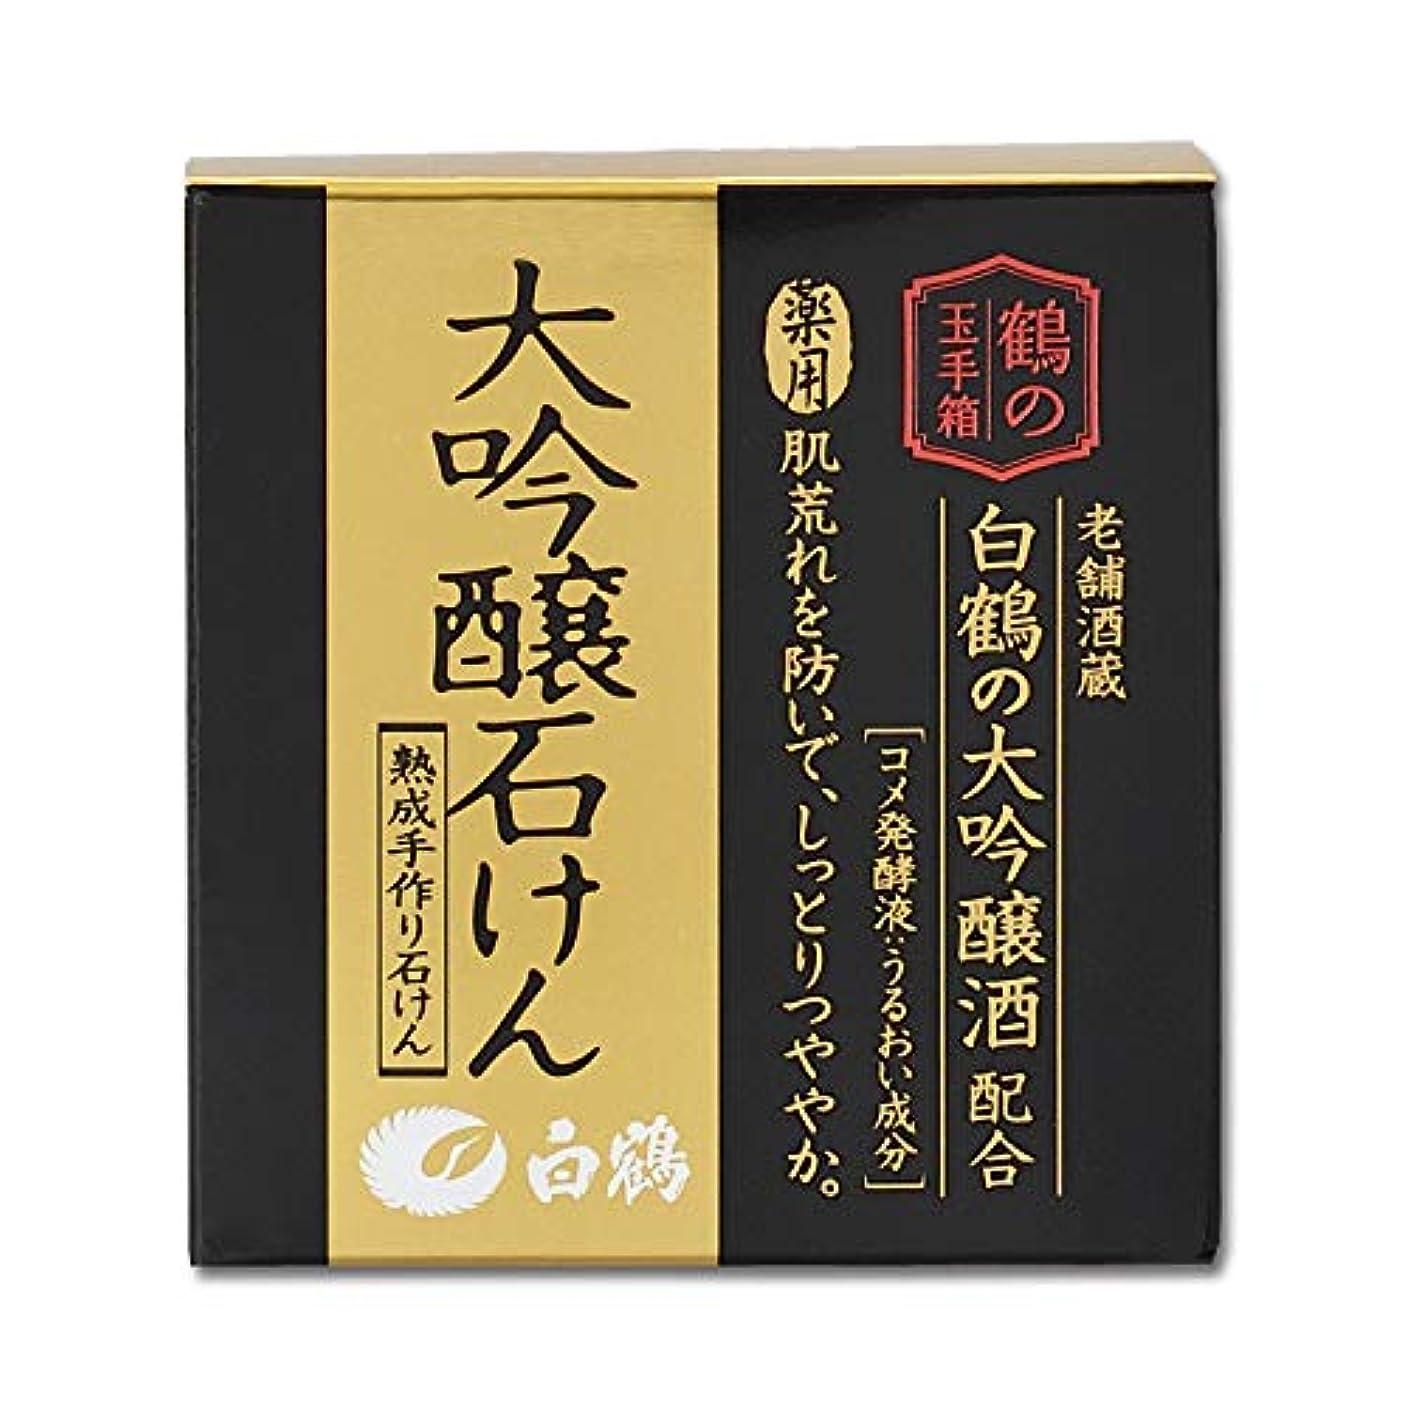 空虚八百屋さん芽白鶴 鶴の玉手箱 薬用 大吟醸石けん 100g (医薬部外品)